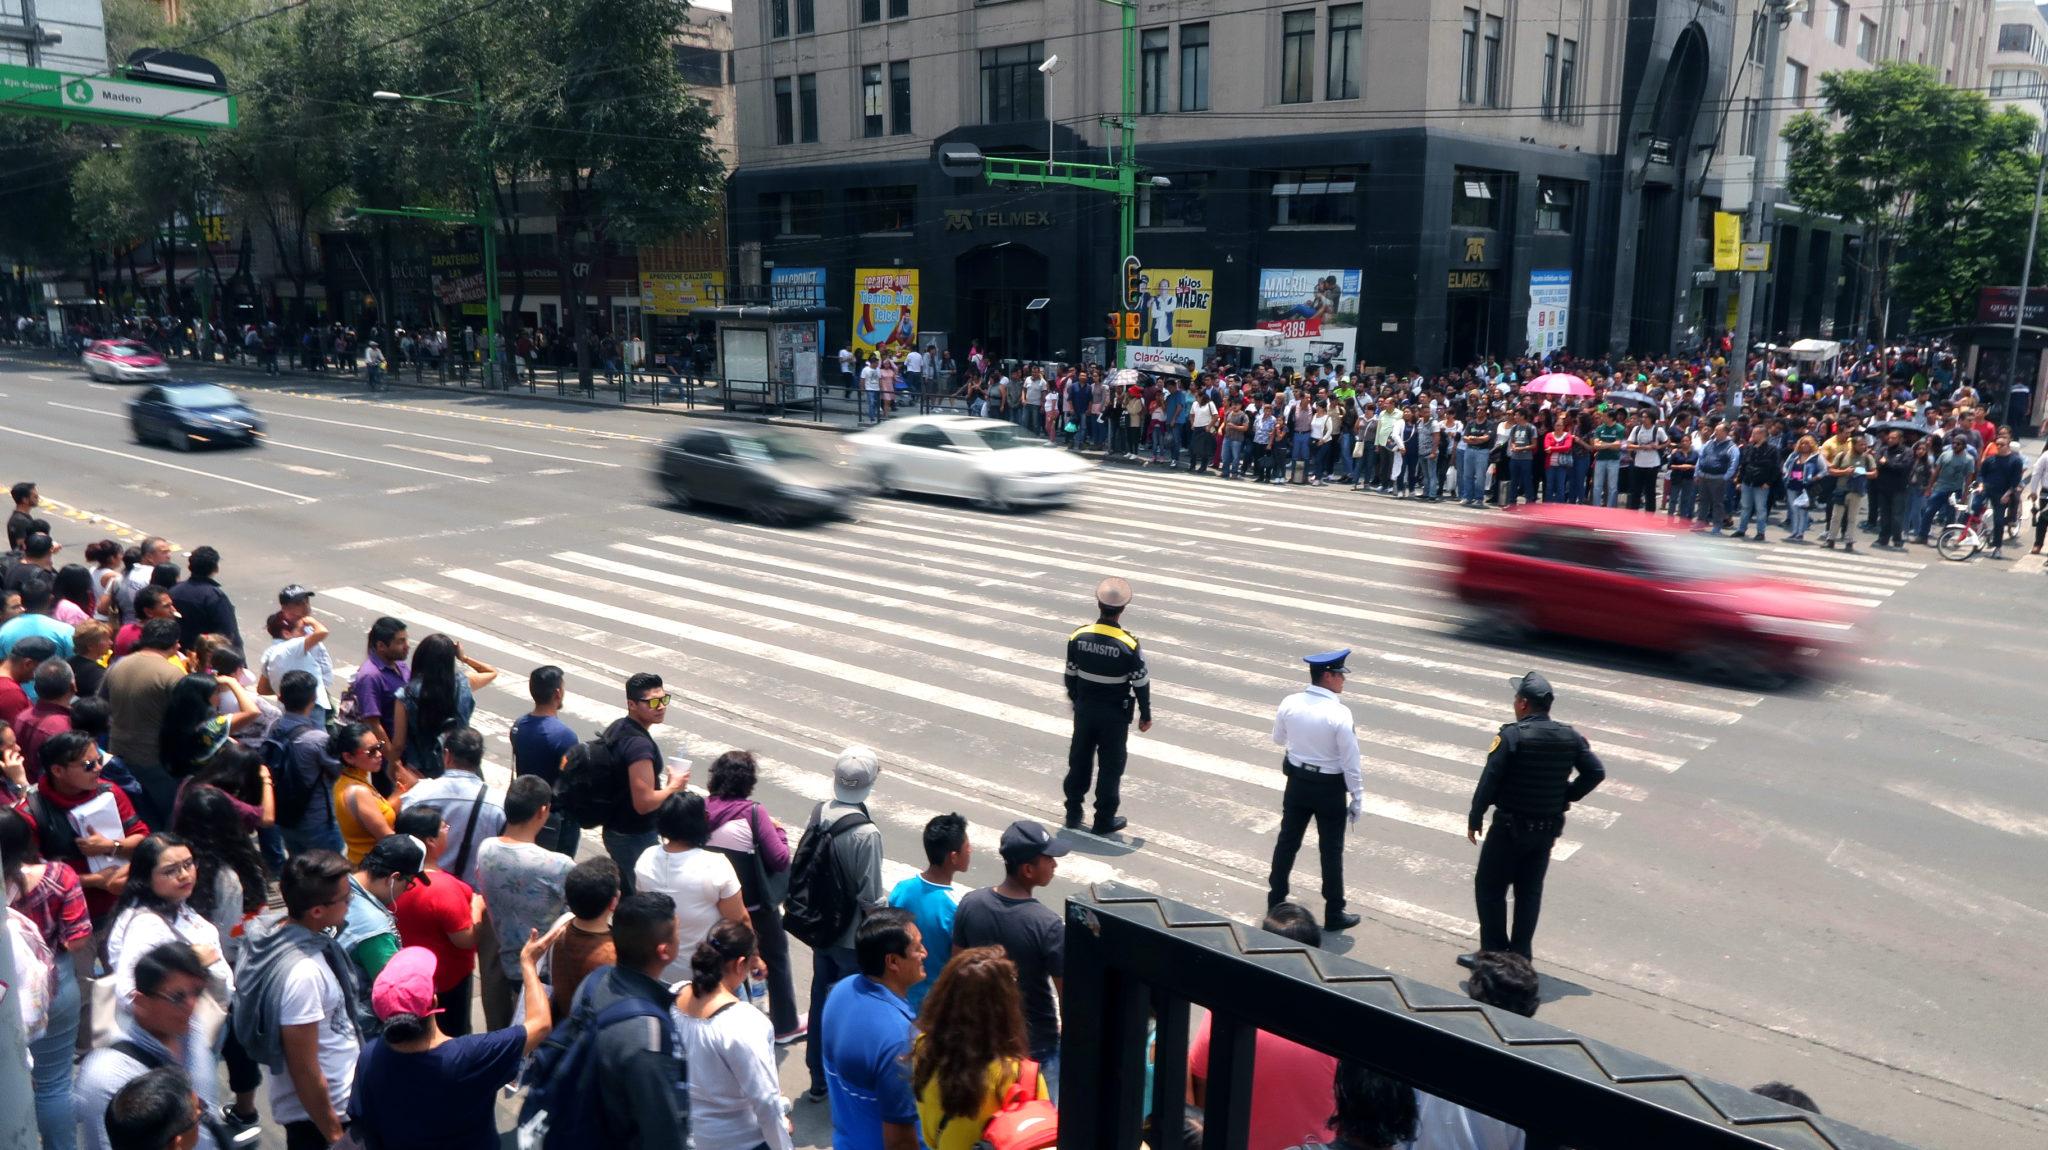 Peatones esperando a cruzar la calle, Ciudad de México.